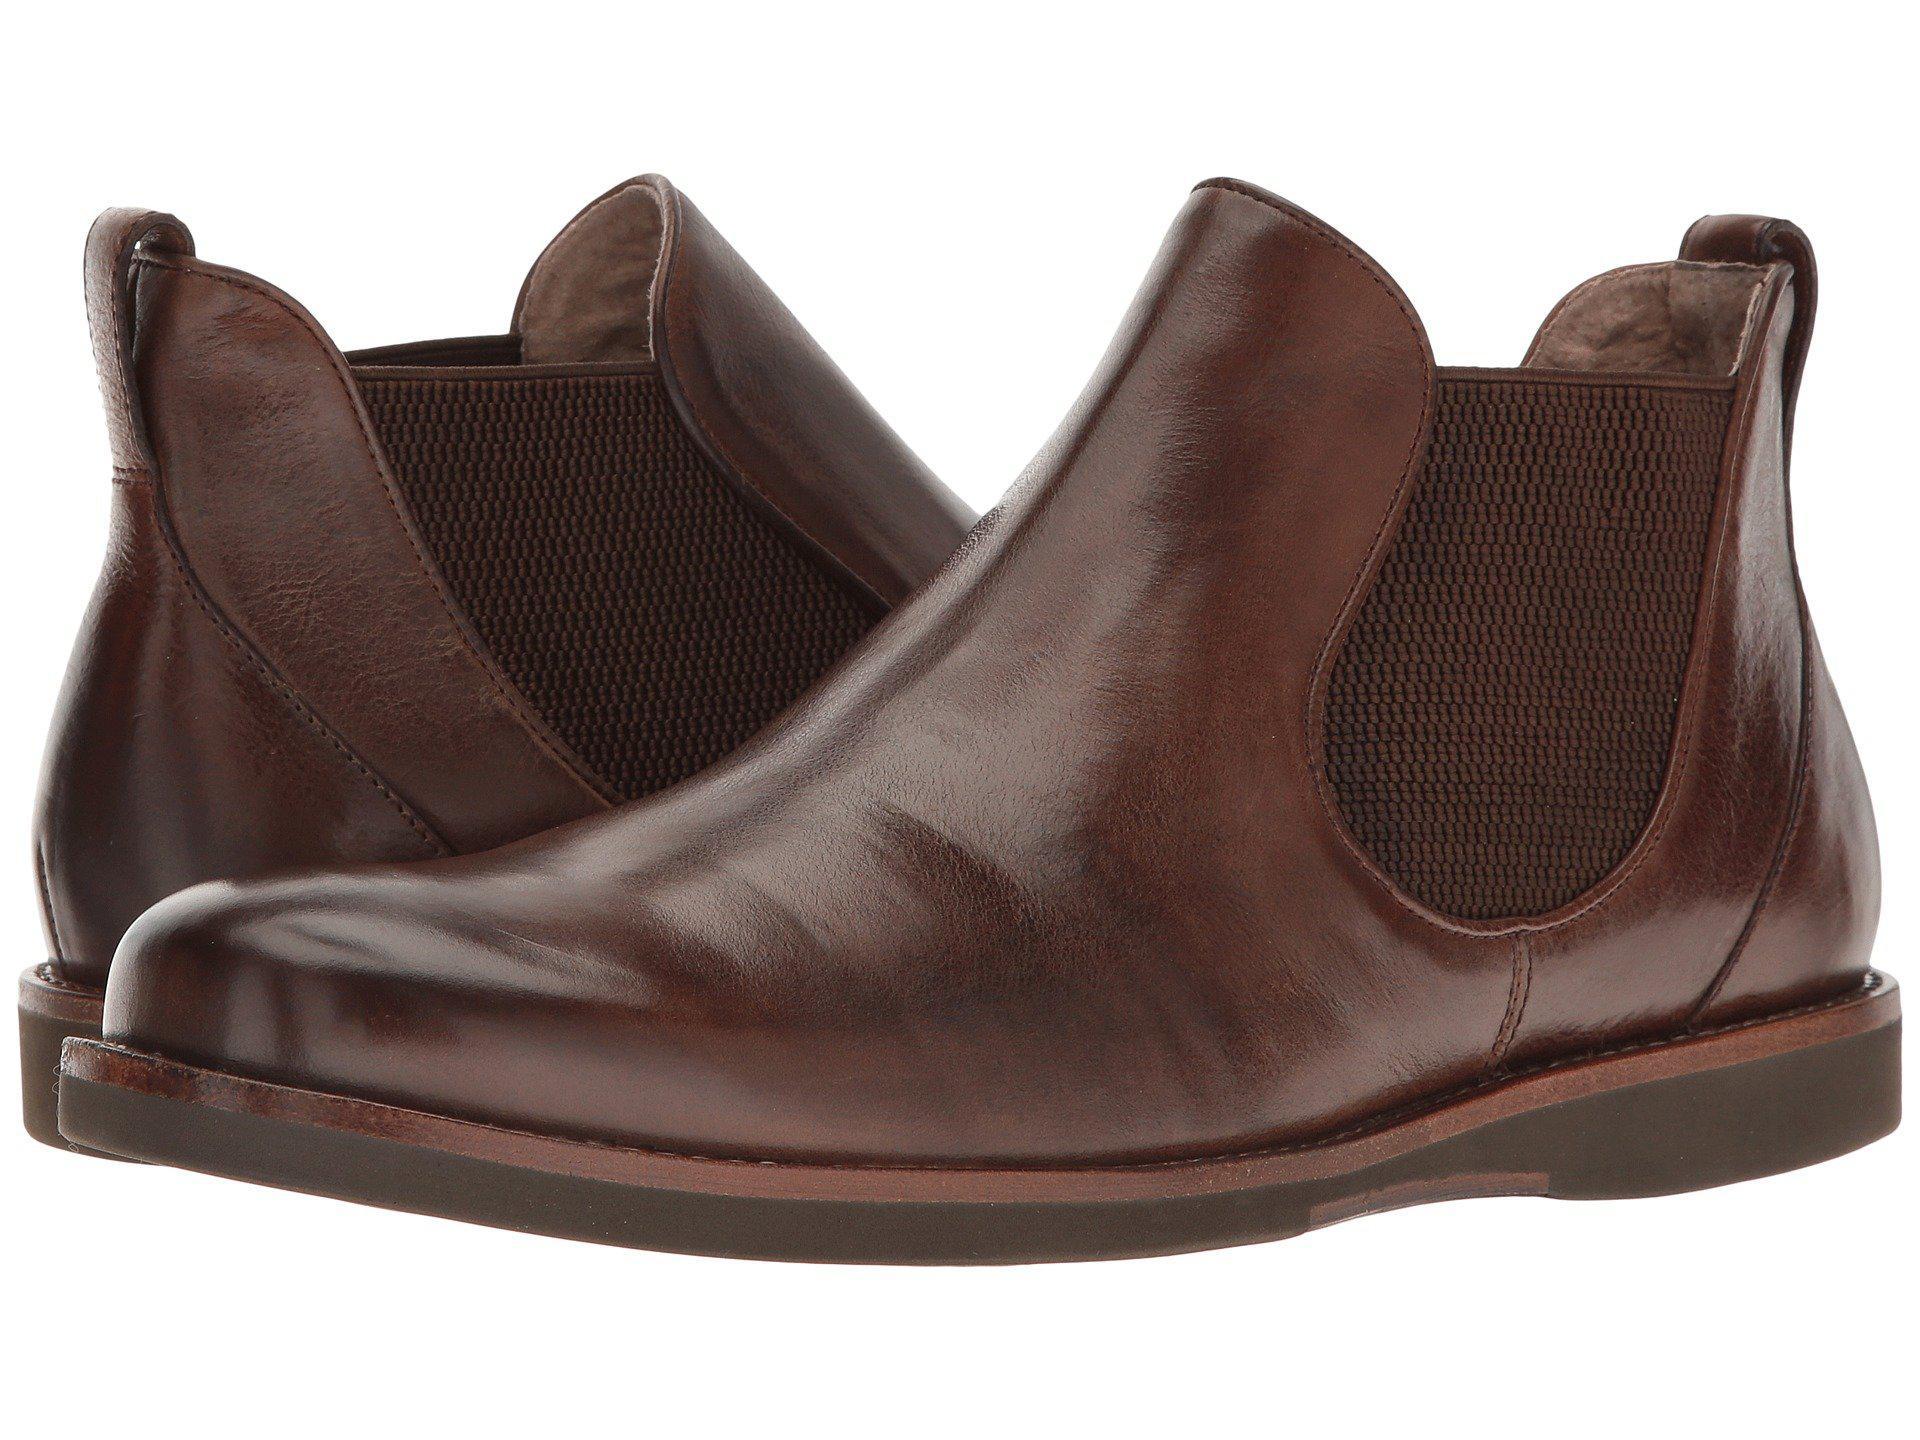 John Collection Varvatos Boot Brooklyn Grand-père De Chelsea Expédition Bonne Vente Libre Acheter Pas Cher Vente Chaude Gzp5OH